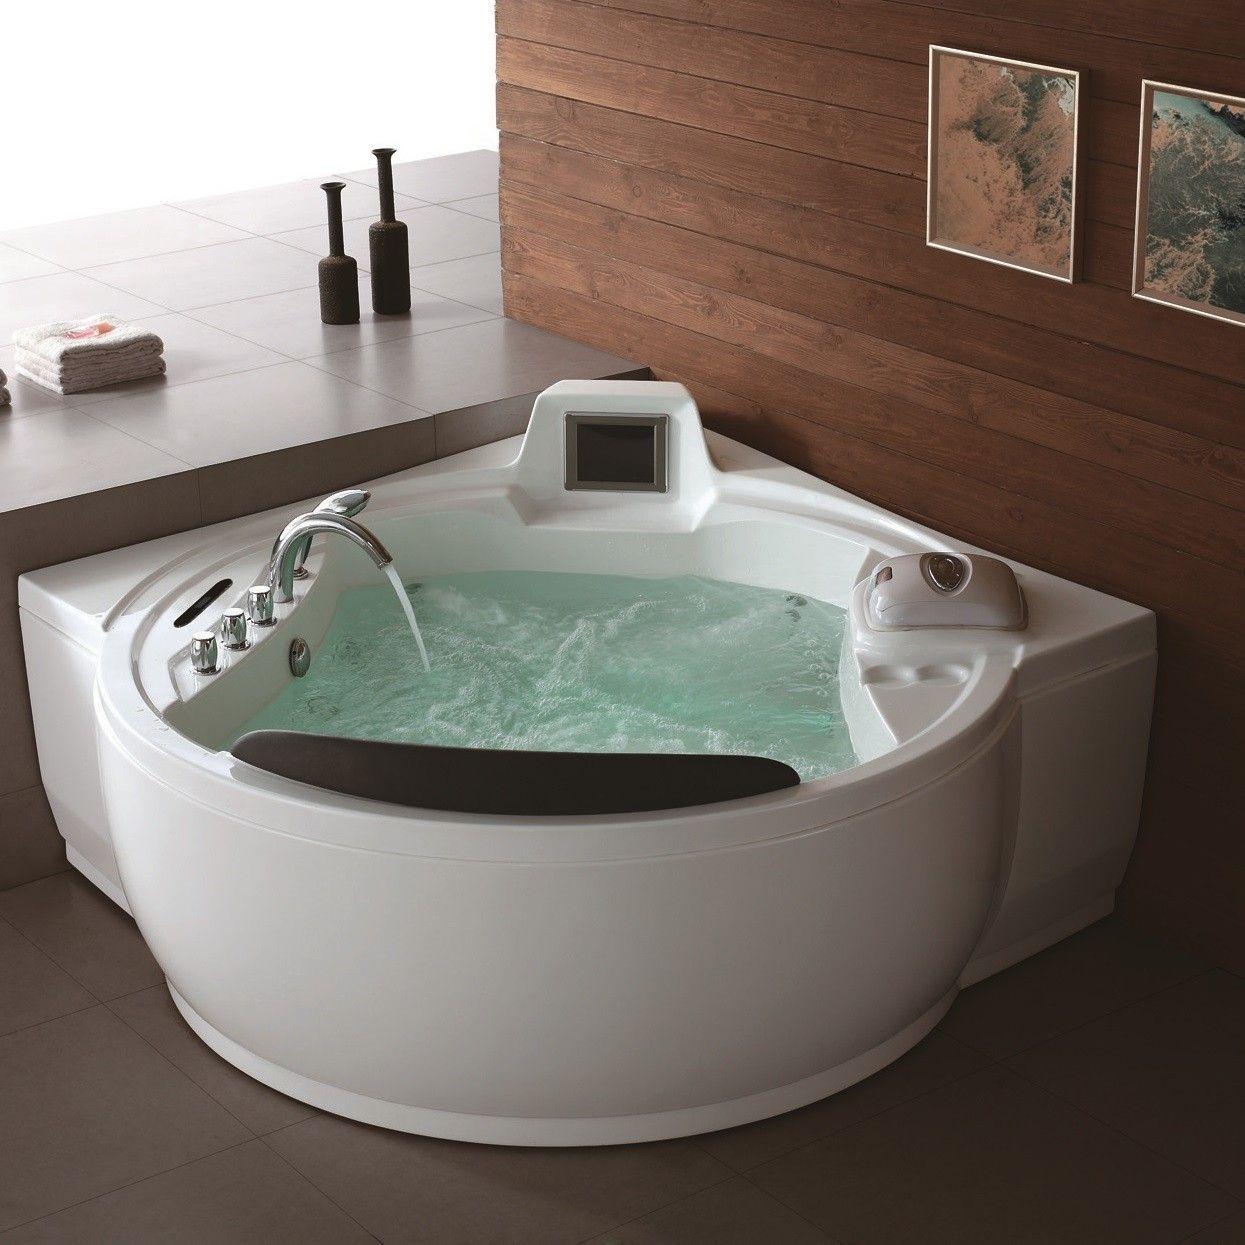 Wunderbar Holen Sie Sich Die Besten Whirlpool Bewertungen Für Ihr Badezimmer Küchen  Whirlpools, Vielleicht Gibt Es In Jedem Badezimmer.